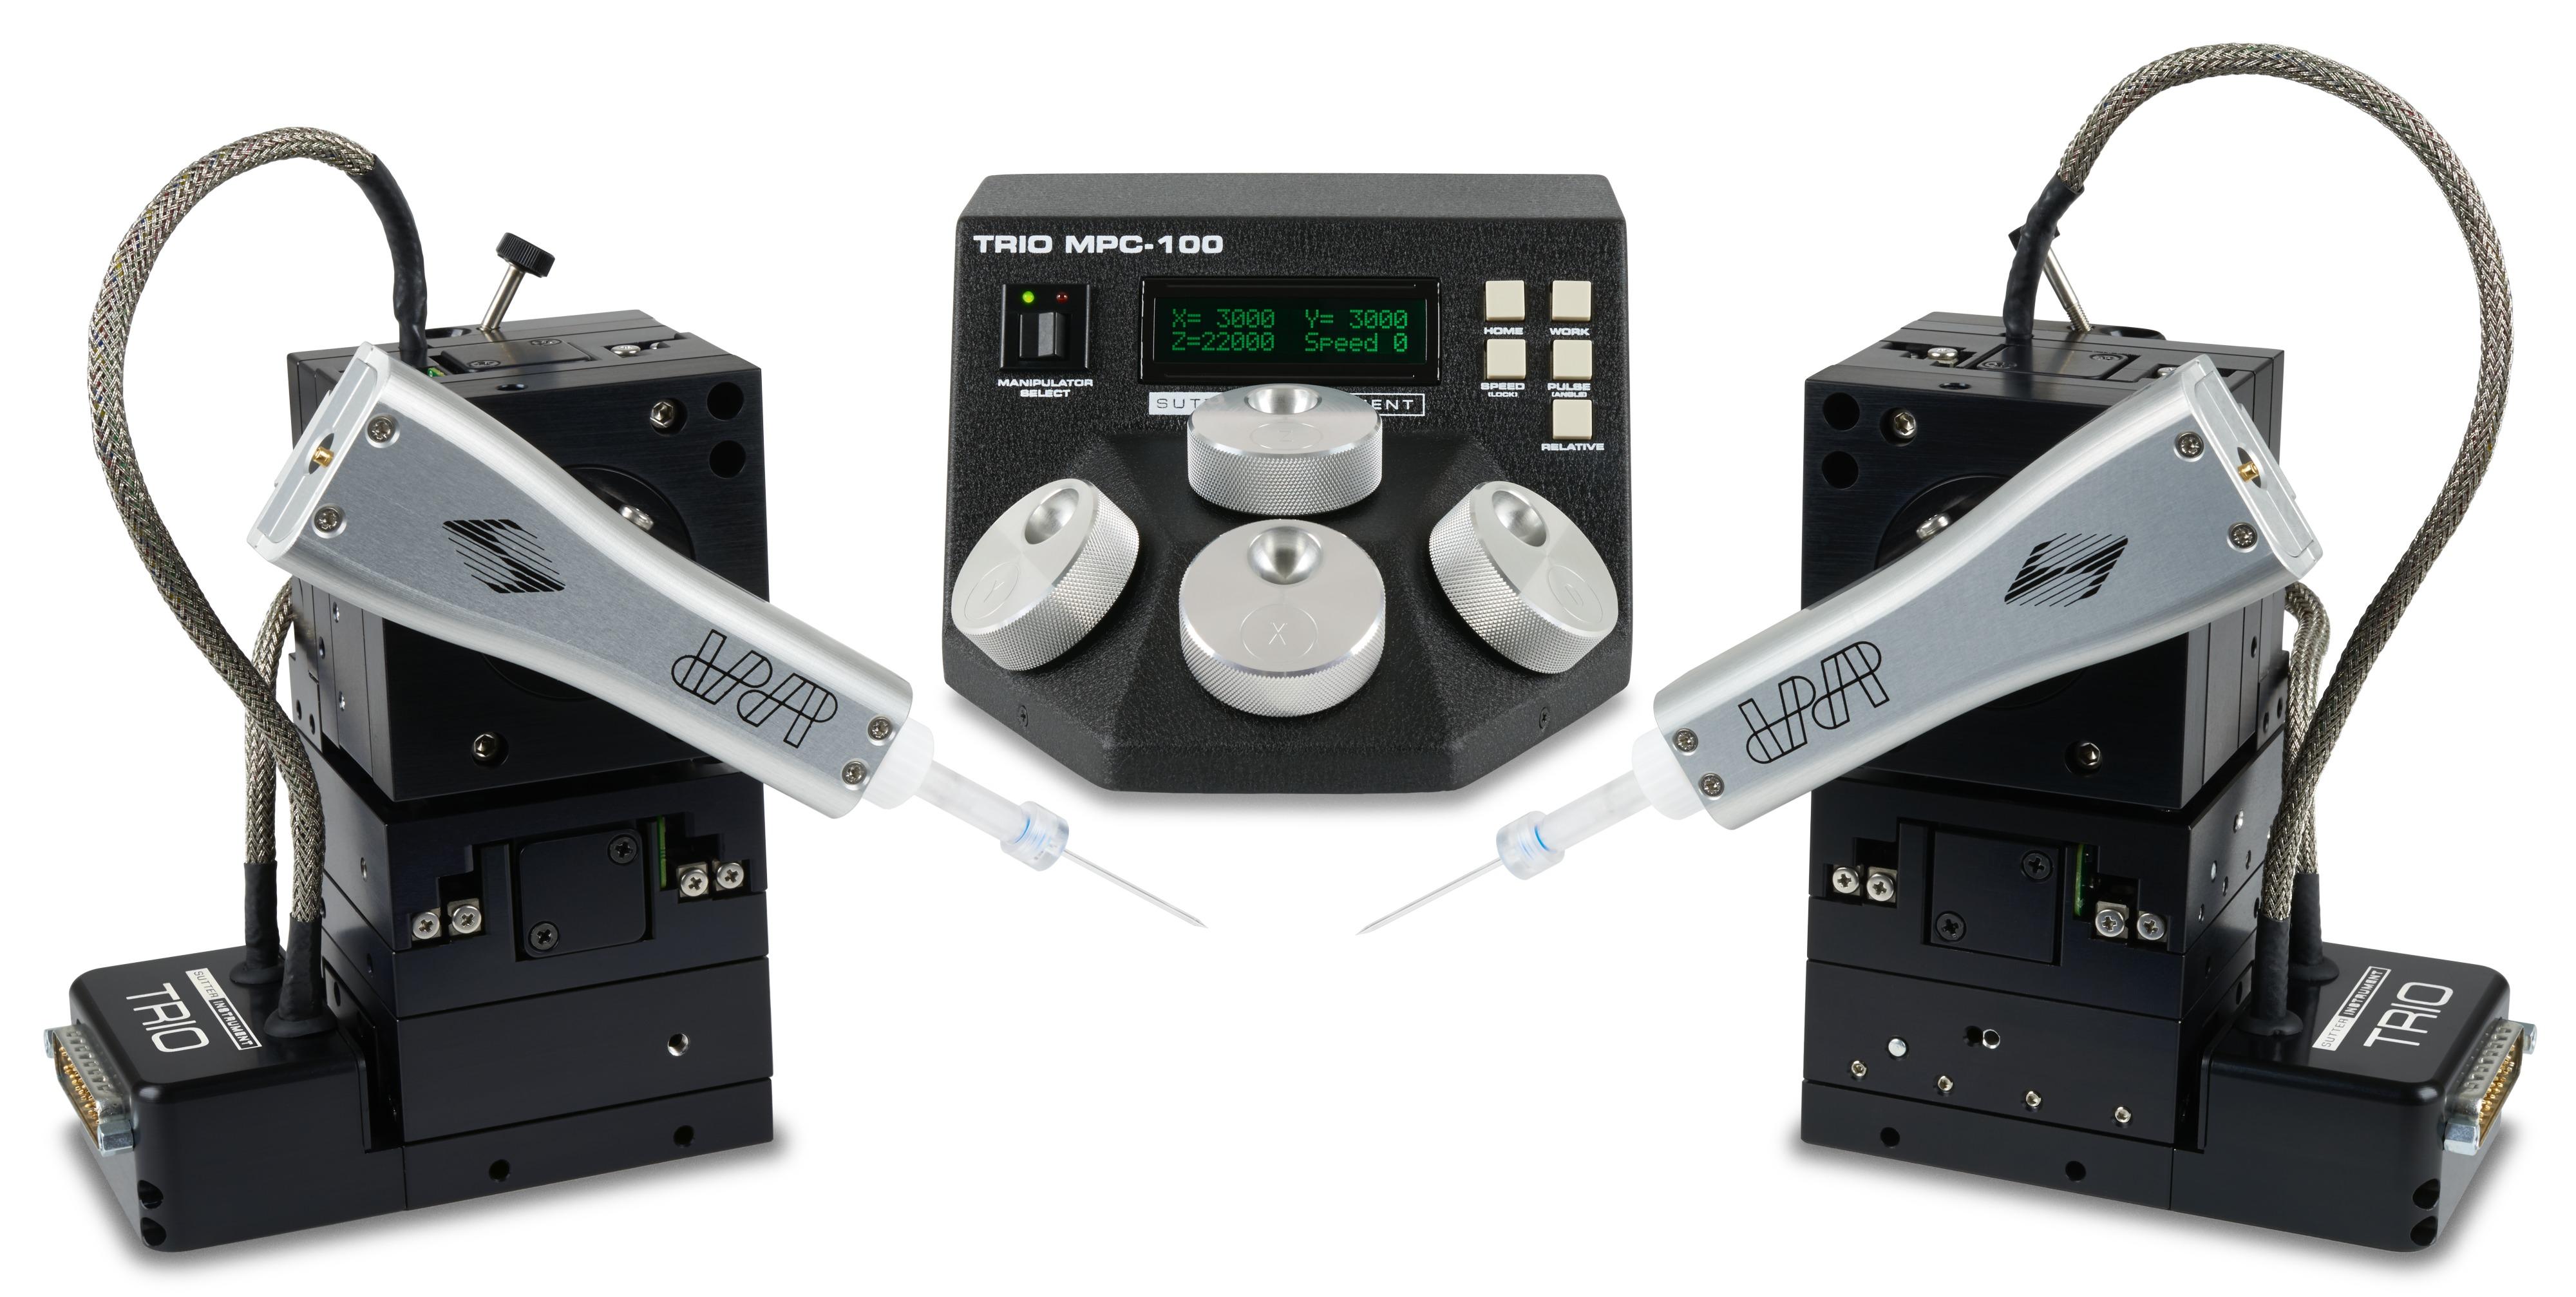 マイクロマニピュレータ TRIO™ MPC-100システム